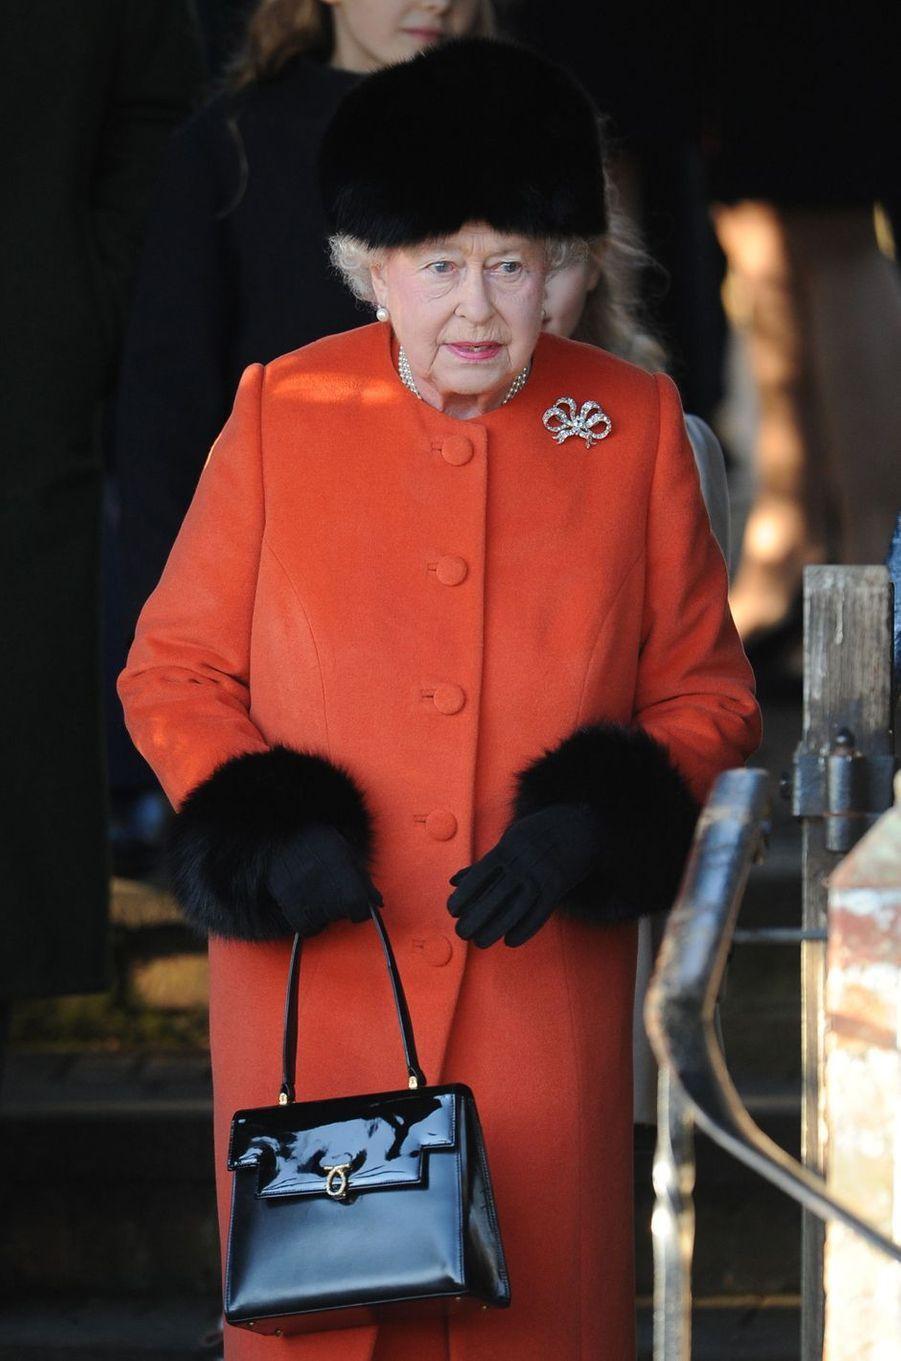 La reine Elizabeth II avec un sac Launer, le 25 décembre 2013